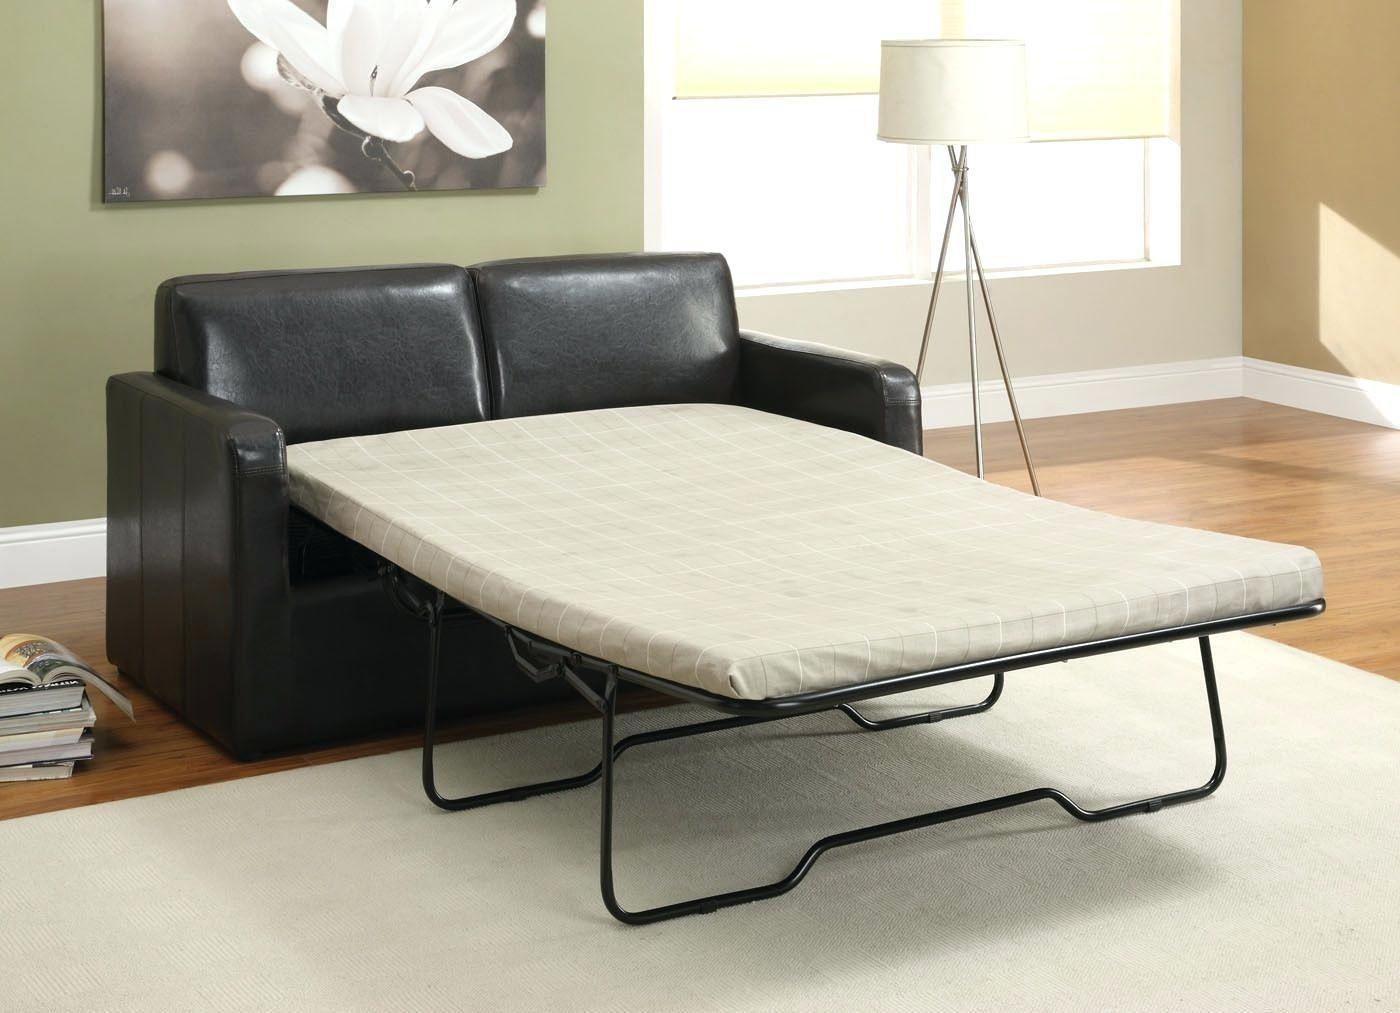 Slumber Air Dream Sleeper Sofa Mattress Queen Size